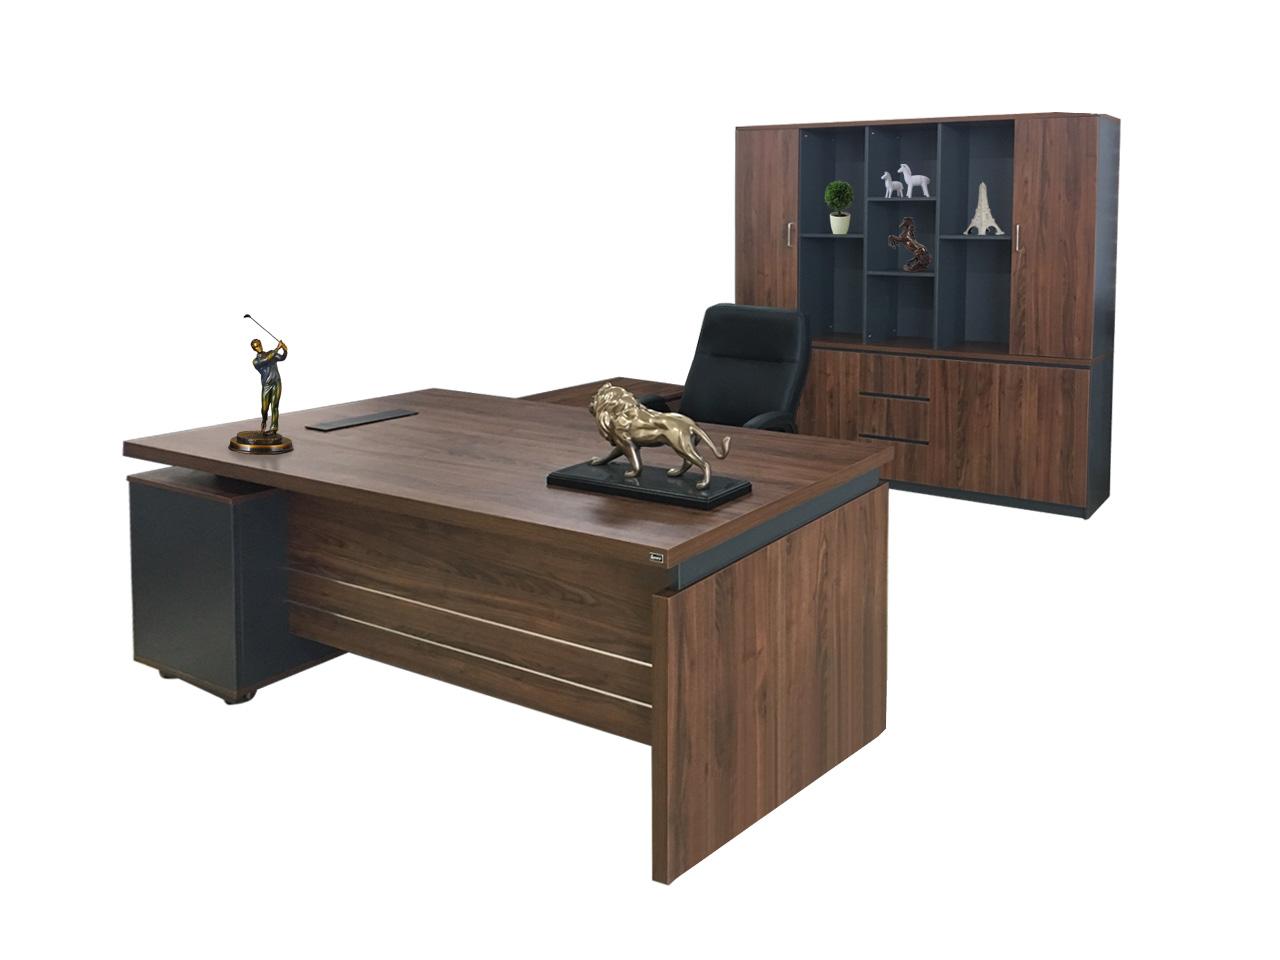 Bộ sản phẩm nội thất văn phòng giám đốc LUXB1818V3